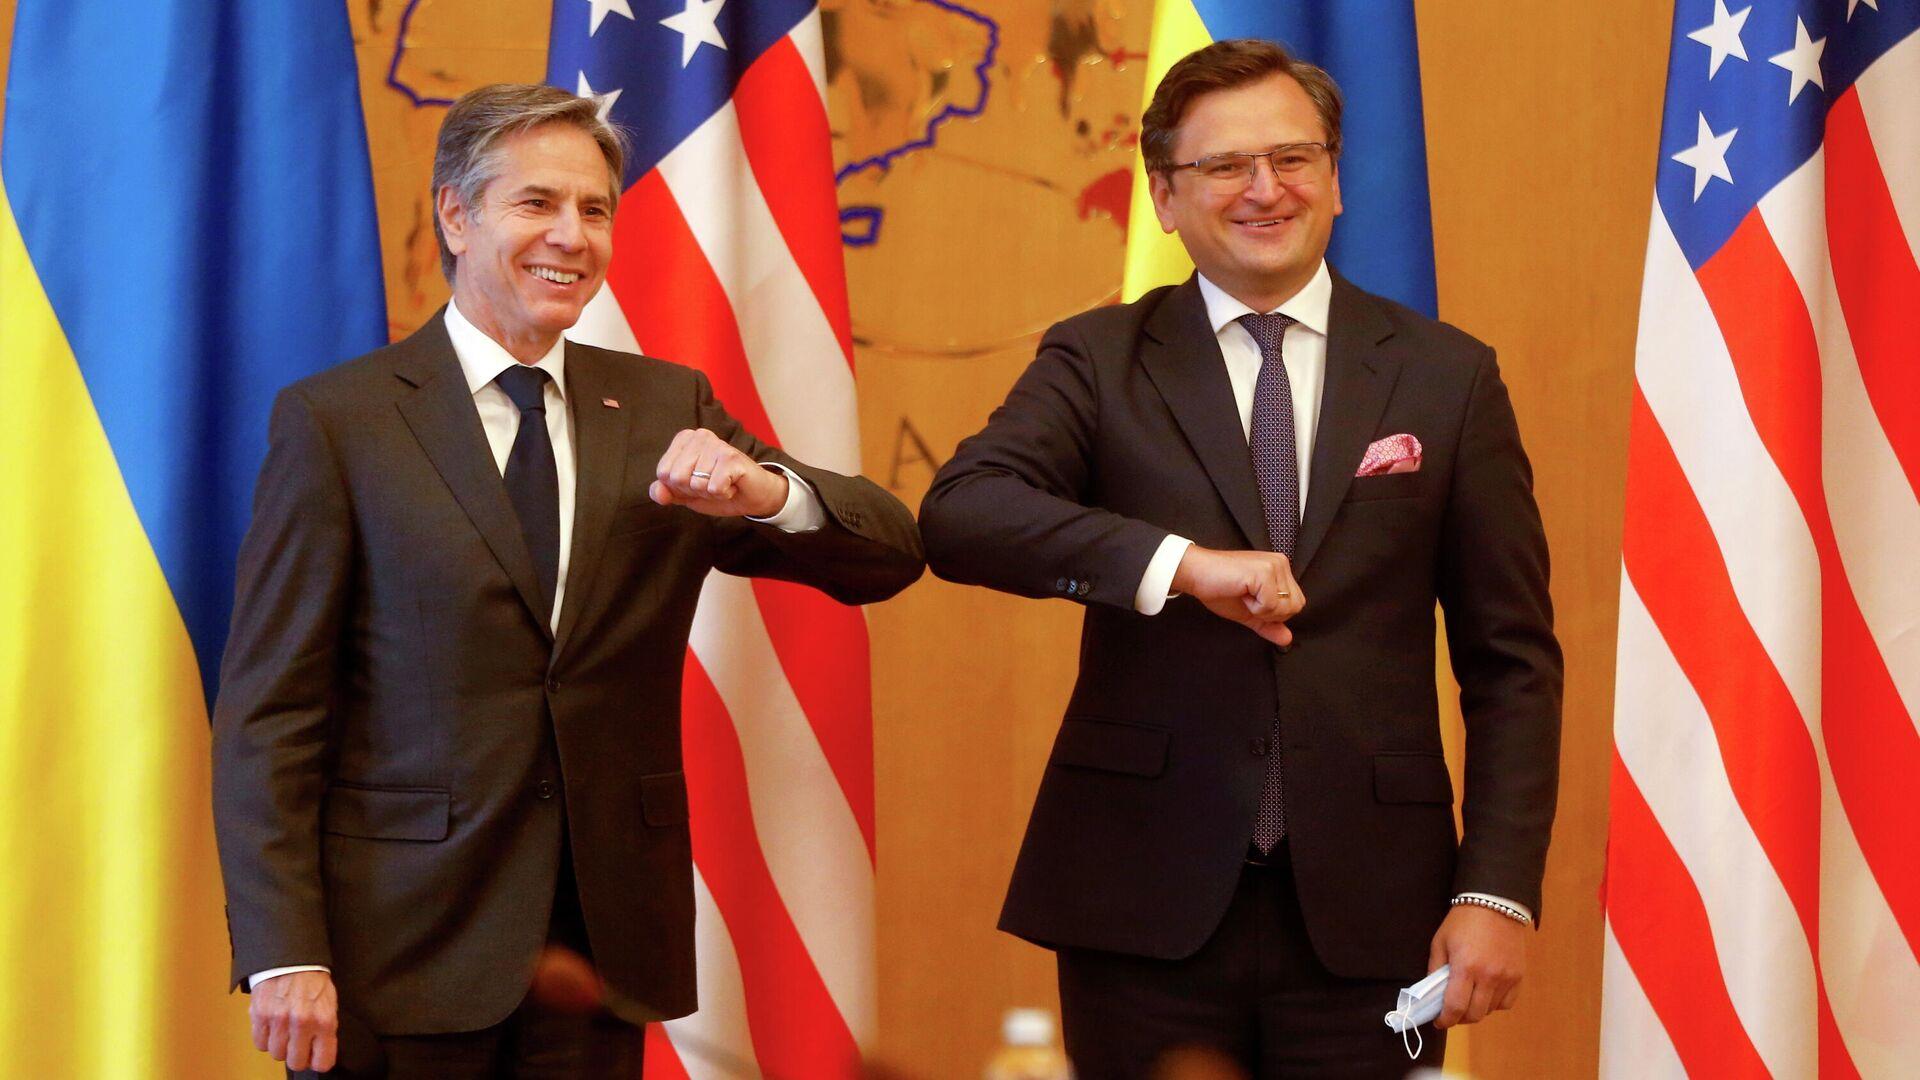 El secretario de Estado de EEUU, Antony Blinken, con el canciller ucraniano, Dmitri Kuleba, en Kiev - Sputnik Mundo, 1920, 06.05.2021